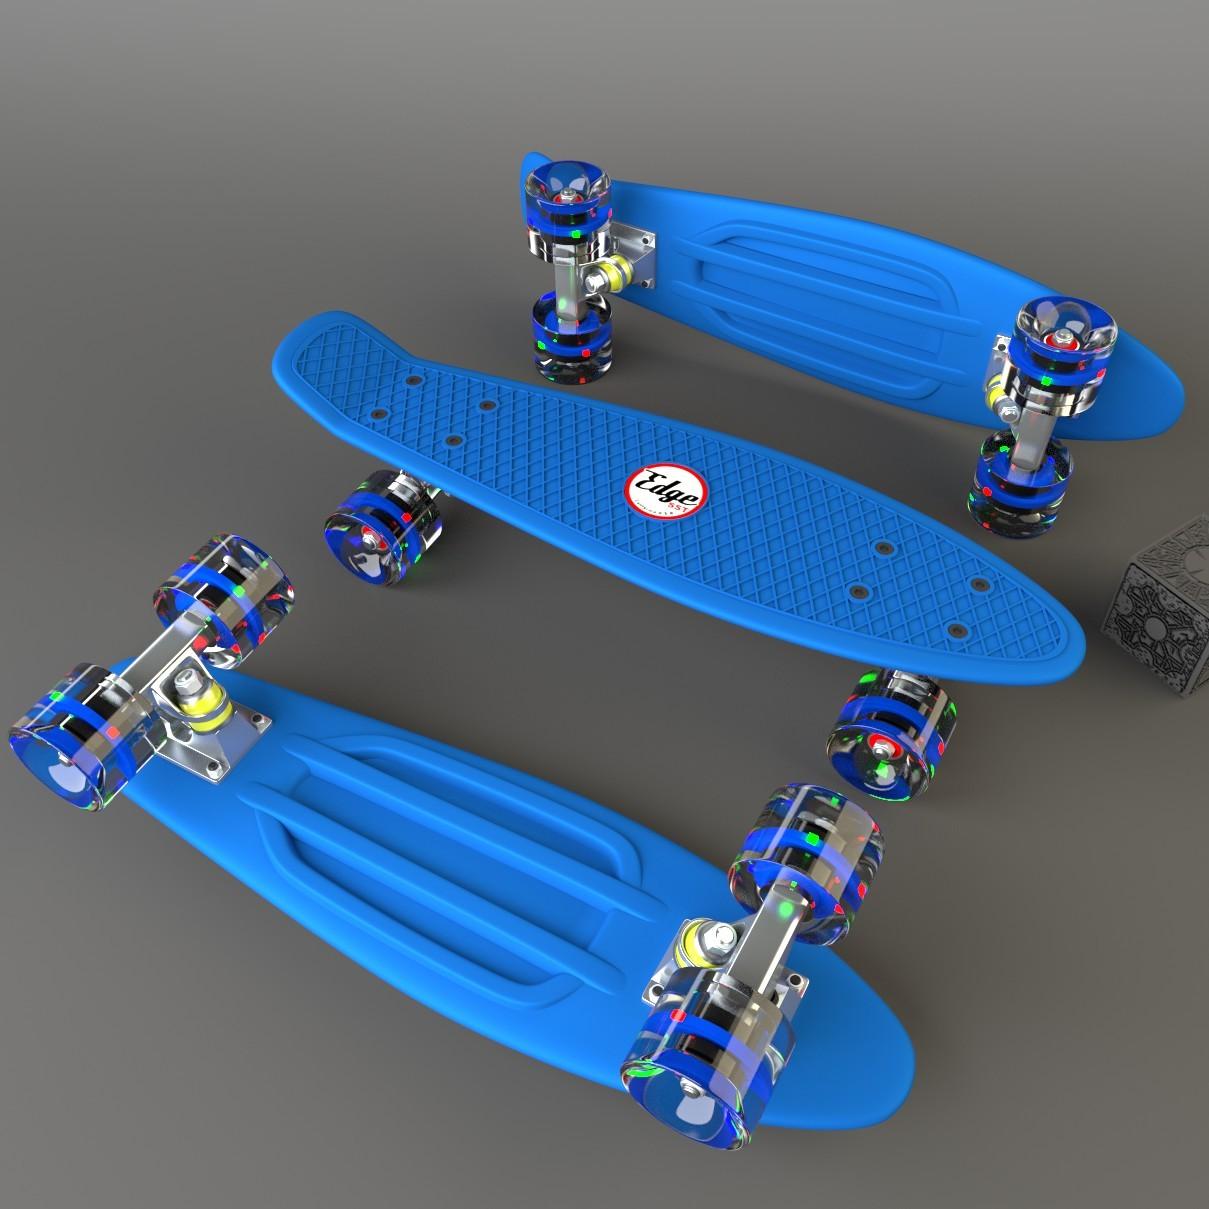 Penny Skateboards Girl Wallpaper Edge Sst